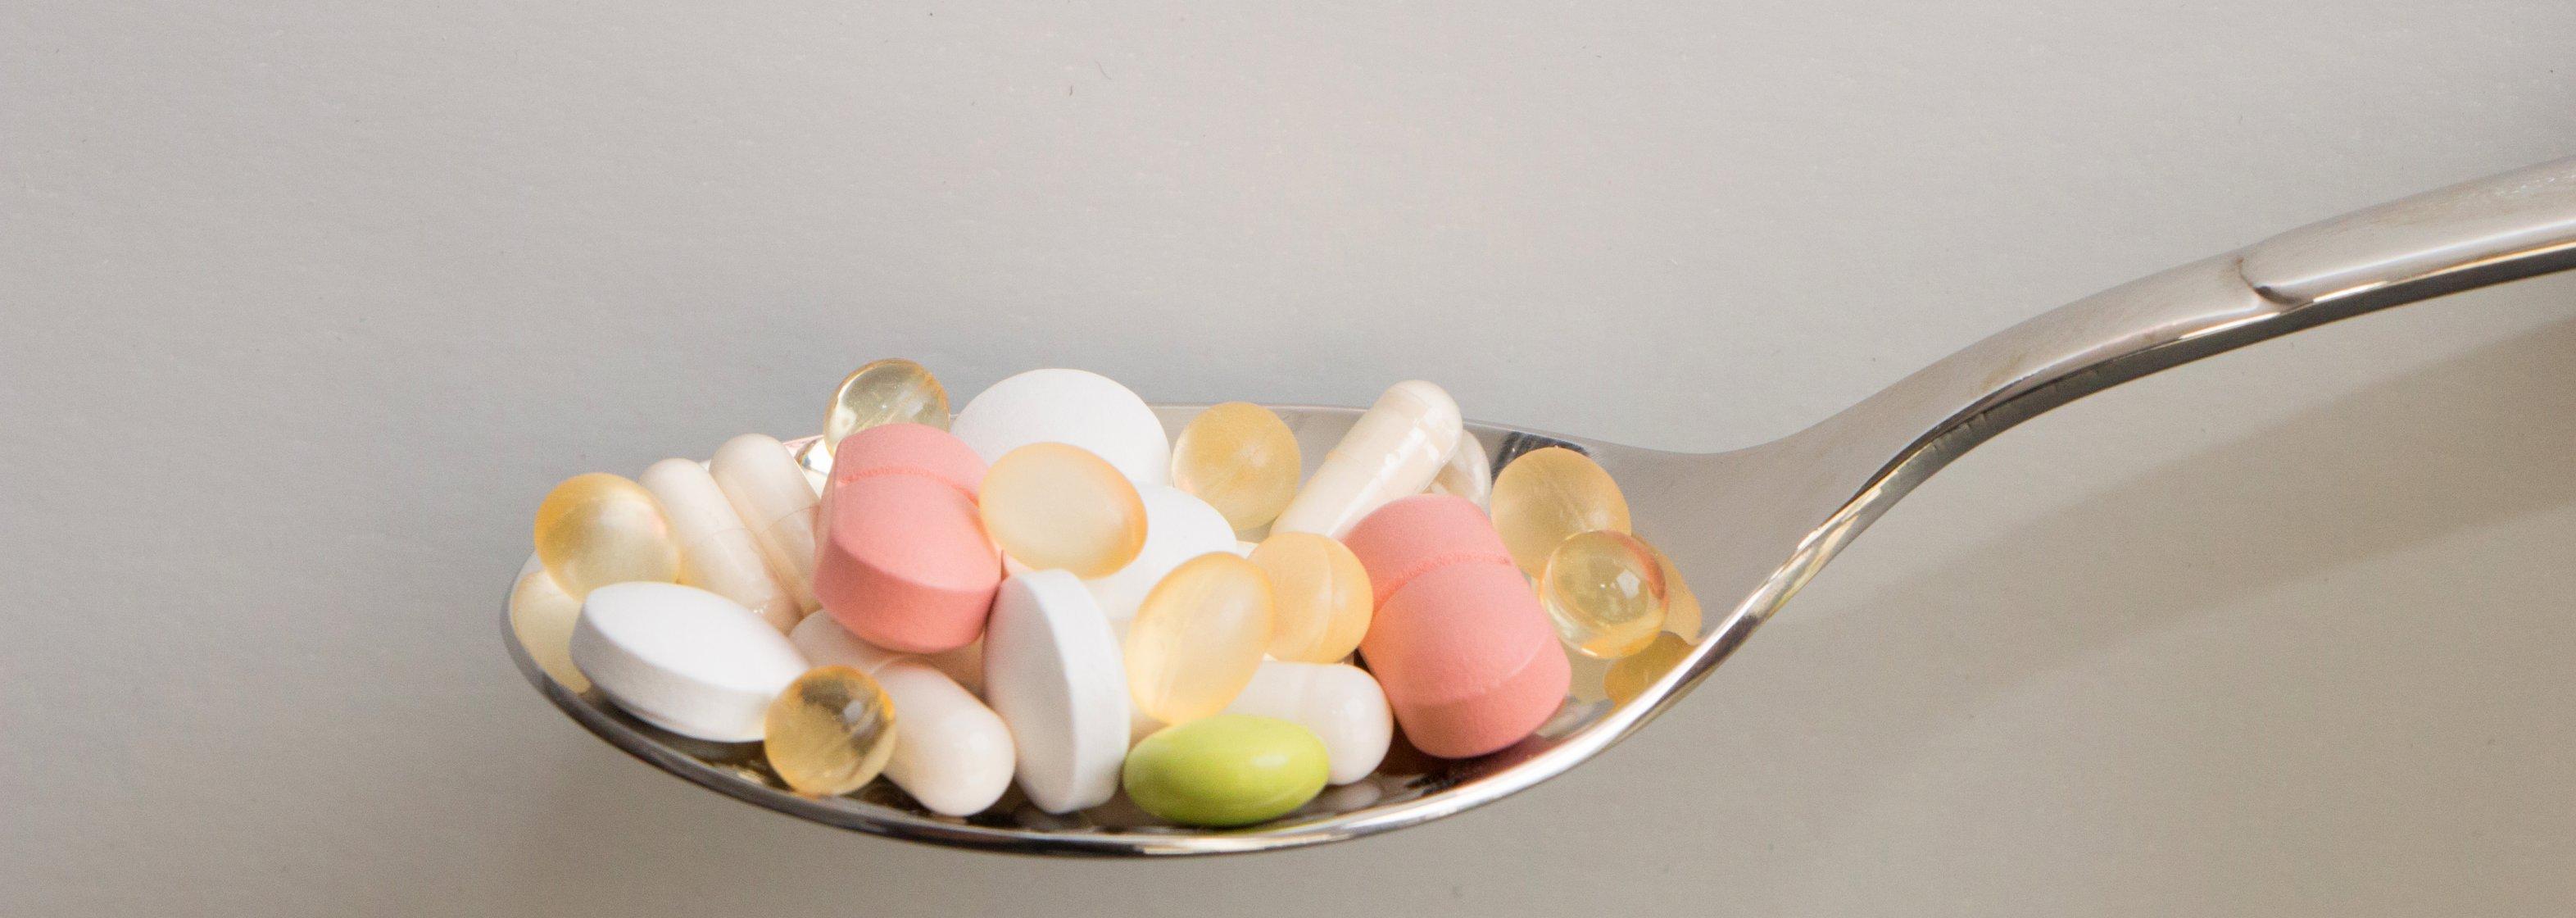 Nahrungsergänzungsmittel in Form von Tabletten - Vitamine, Pillen